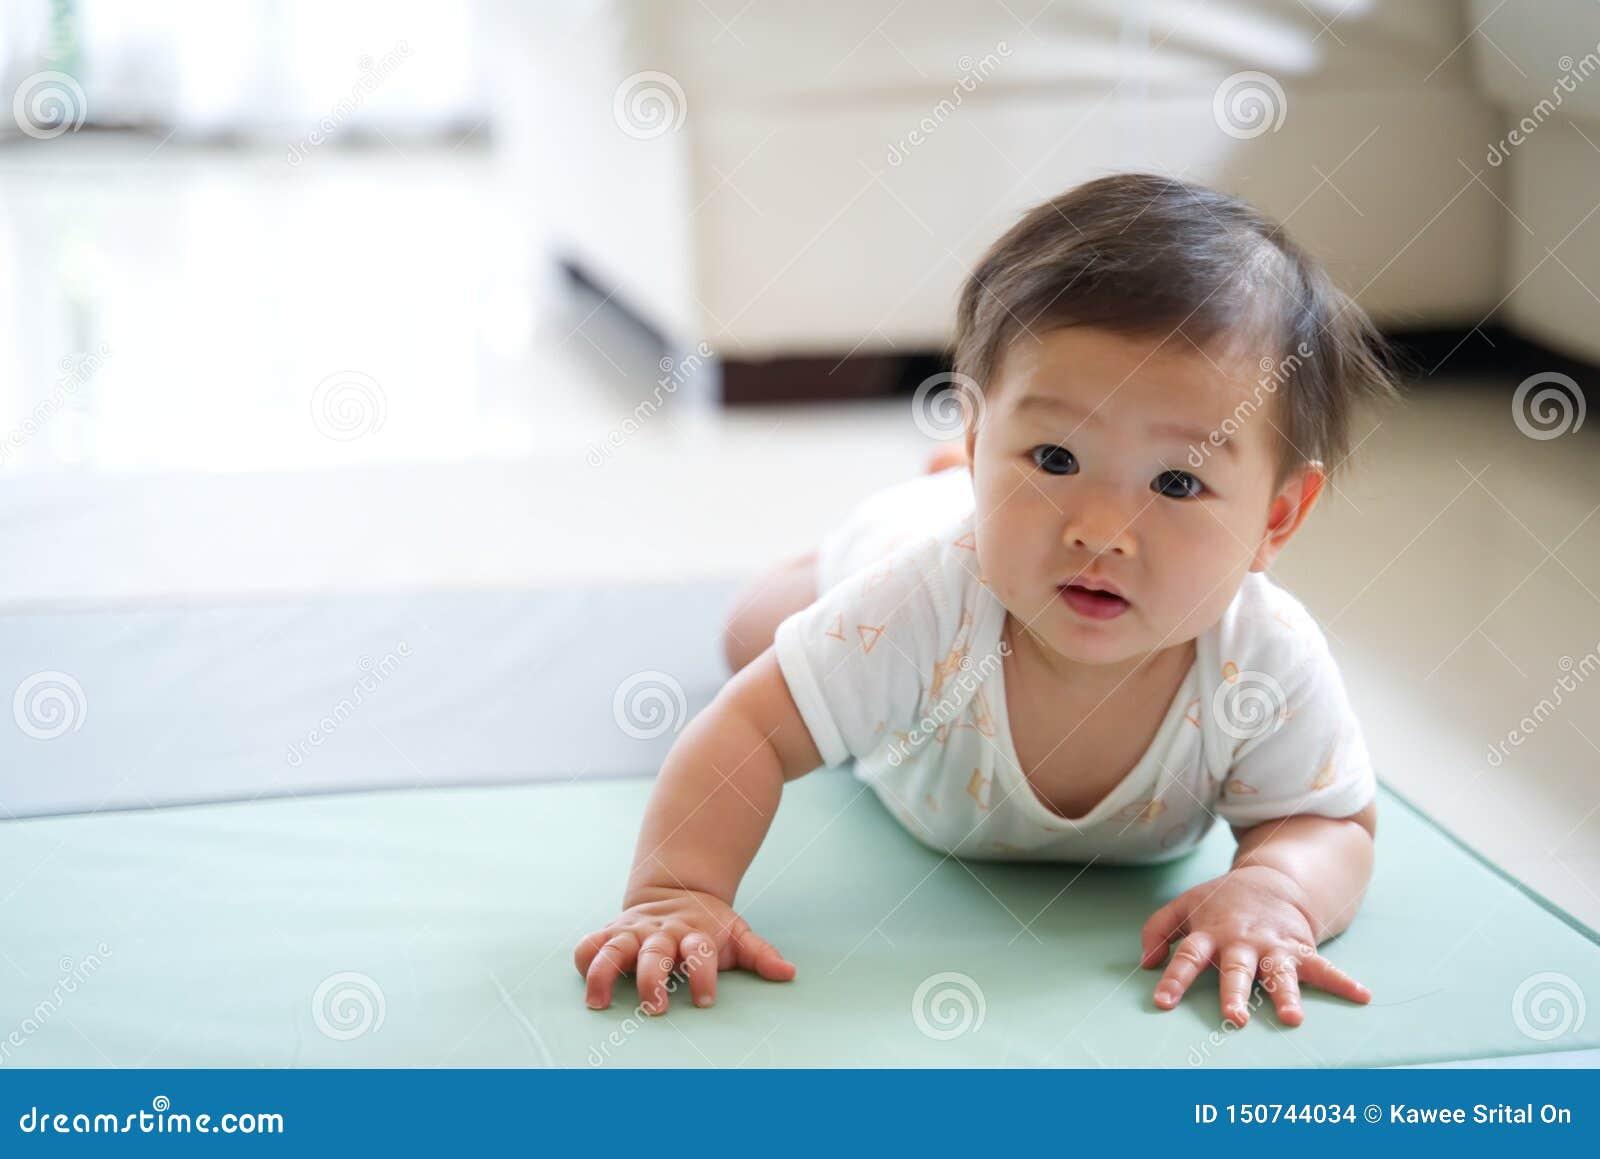 在家爬行在软的地毯或席子的亚裔可爱宝贝